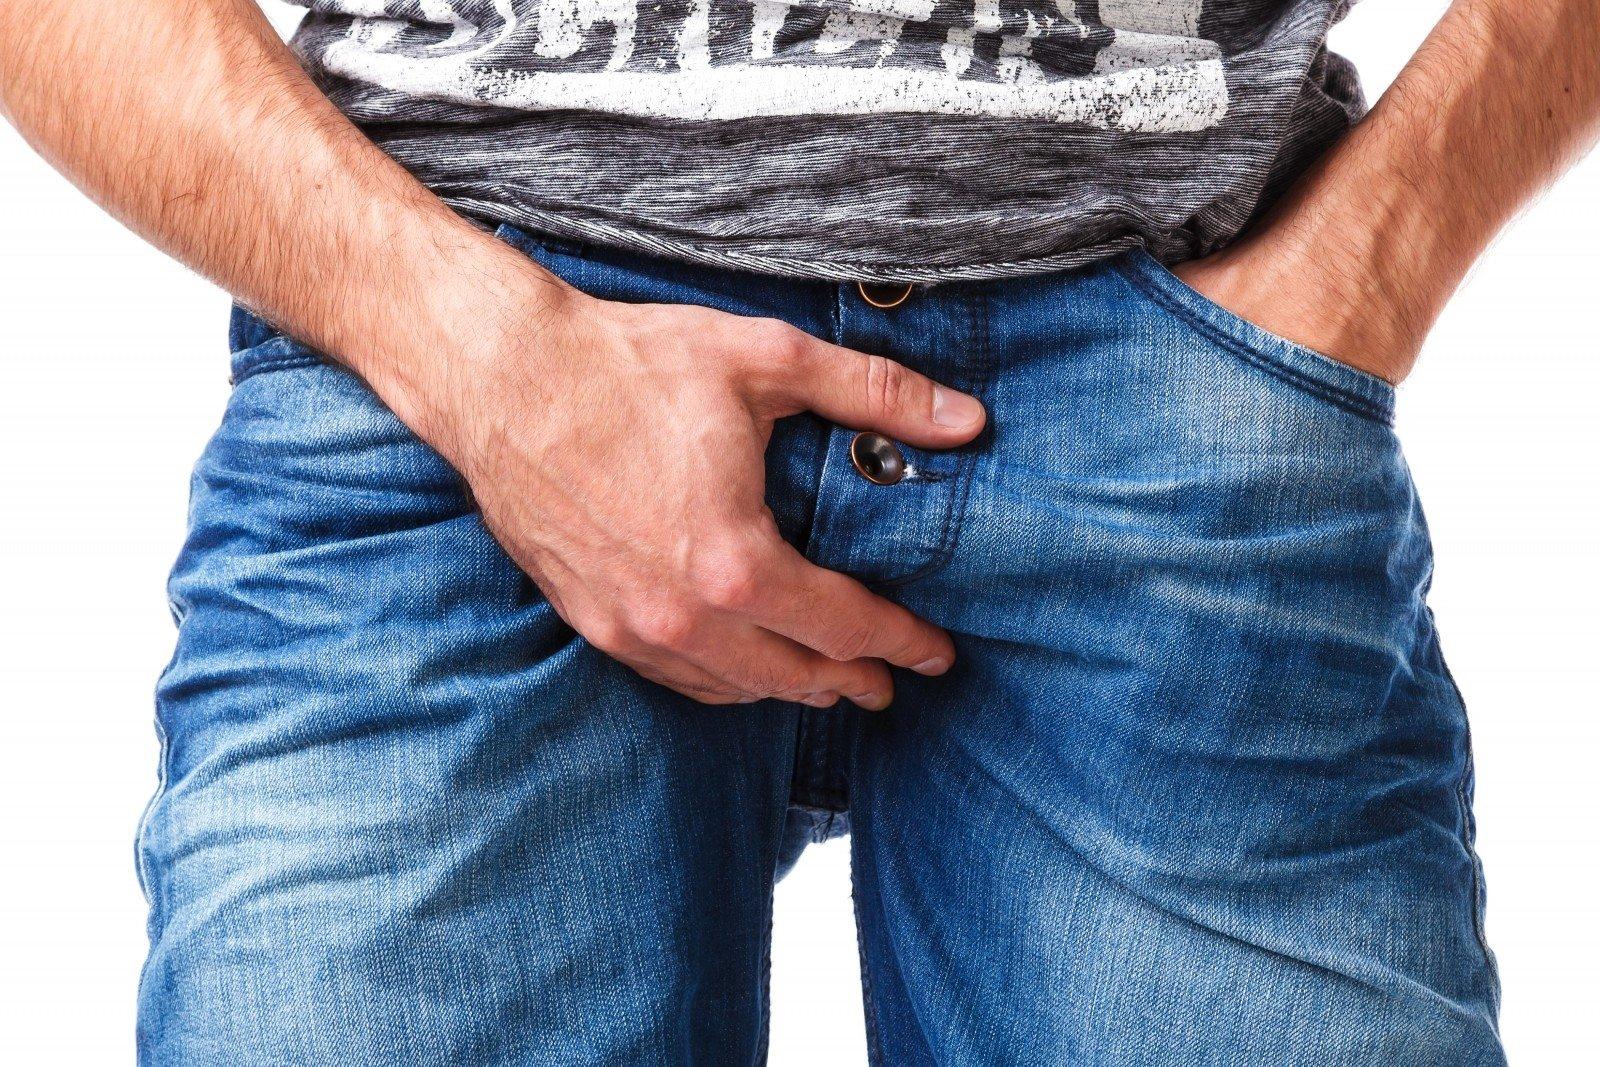 ryto erekcijos simptomai varpos raguotas bet minkštas